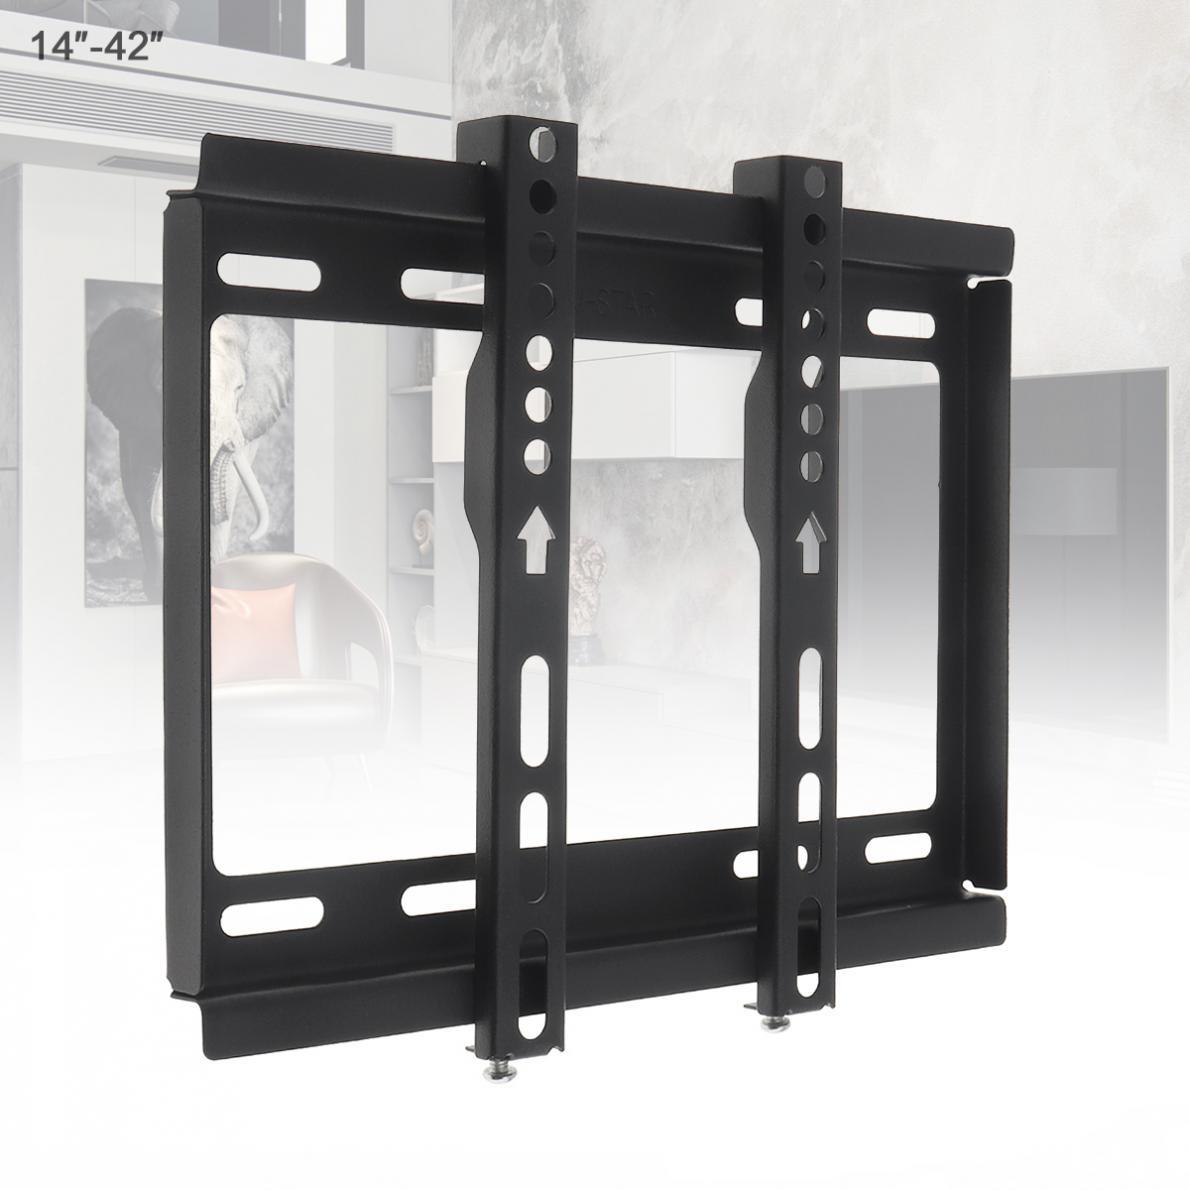 Soporte de montaje en pared Universal para televisor, marco de TV plano de 25KG de alta calidad para Monitor LCD LED de 14 - 42 pulgadas